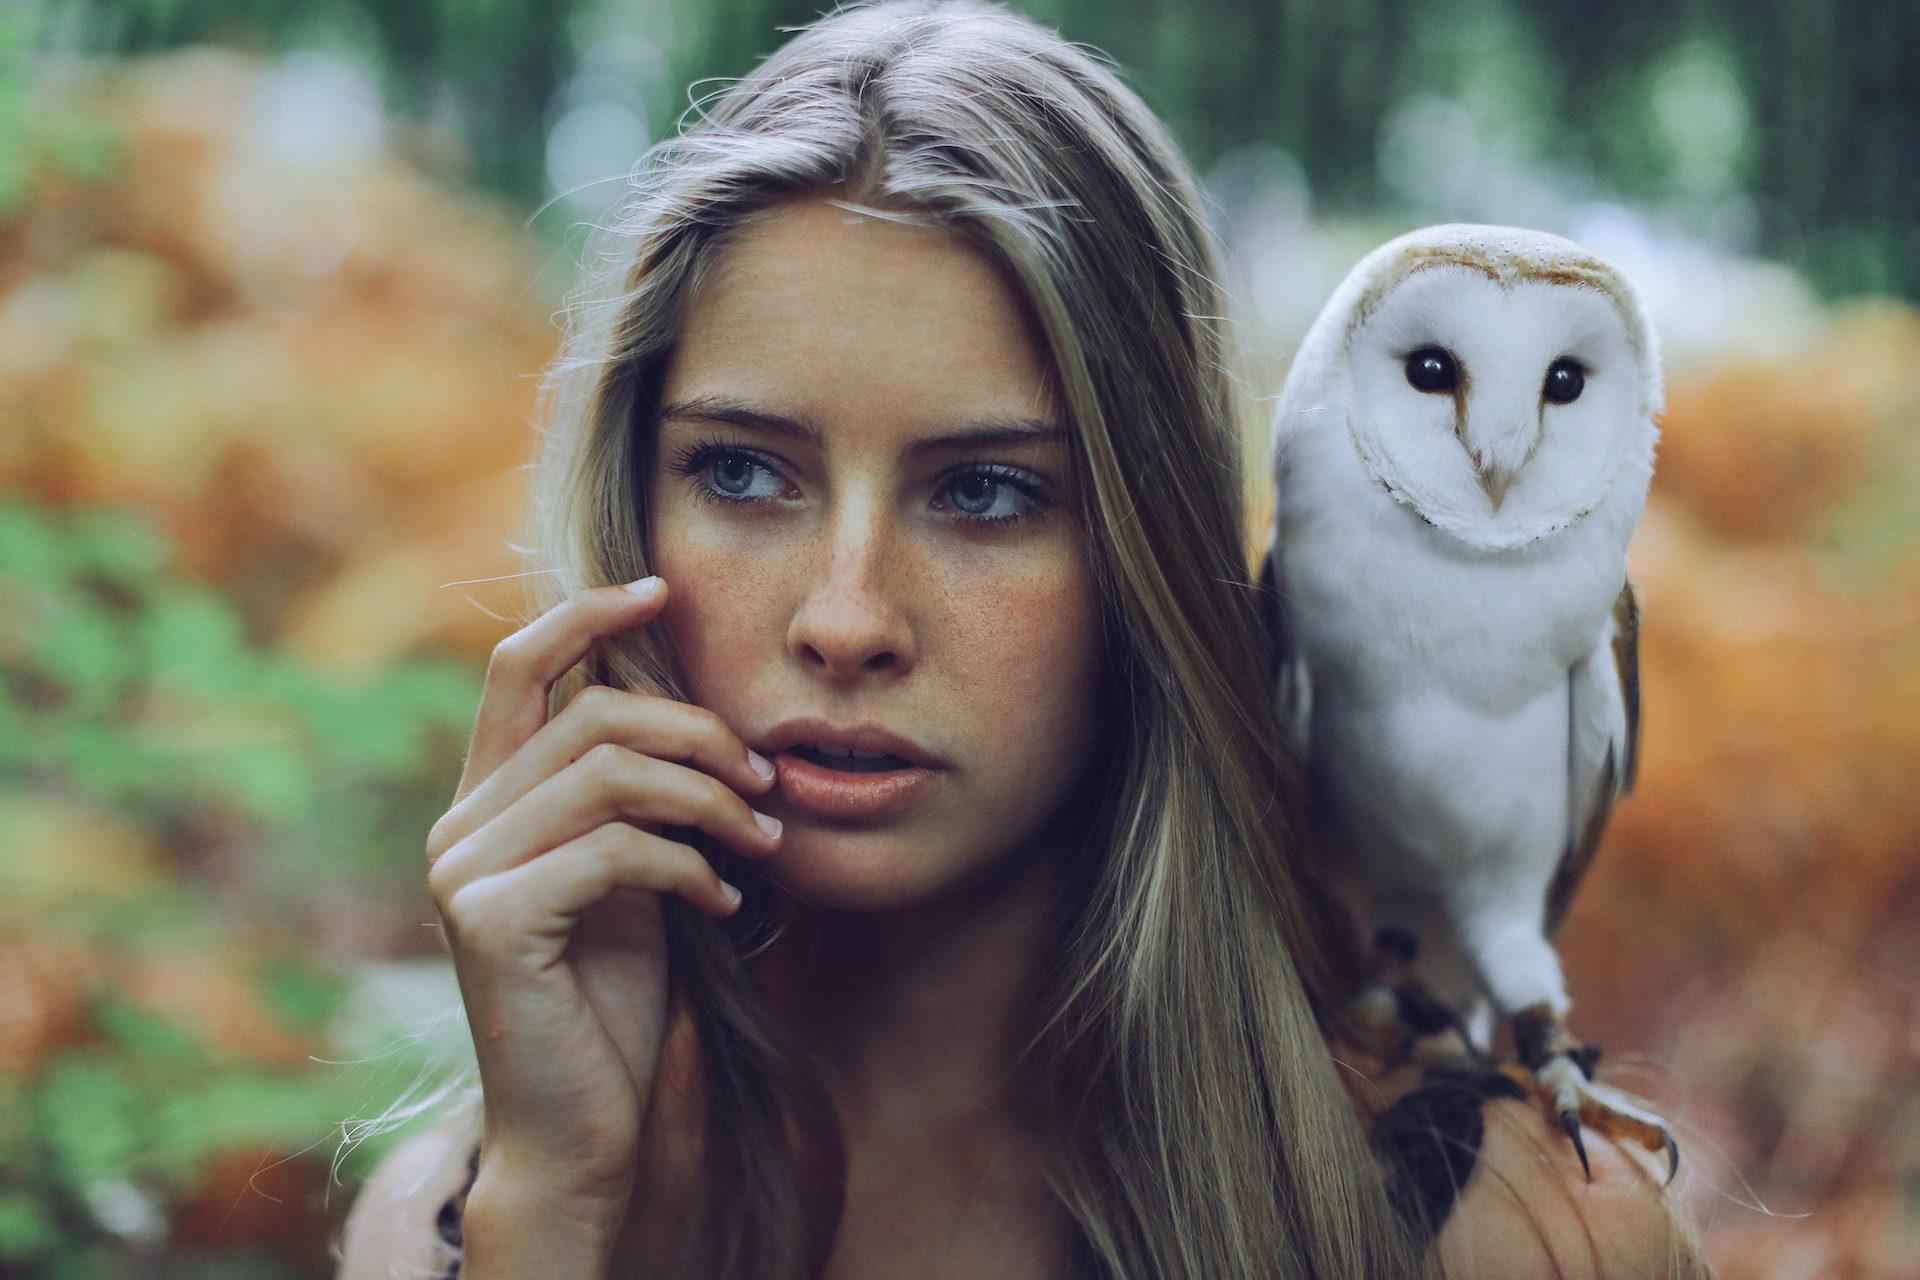 donna, GUFO, Uccello, Animale domestico, sguardo - Sfondi HD - Professor-falken.com